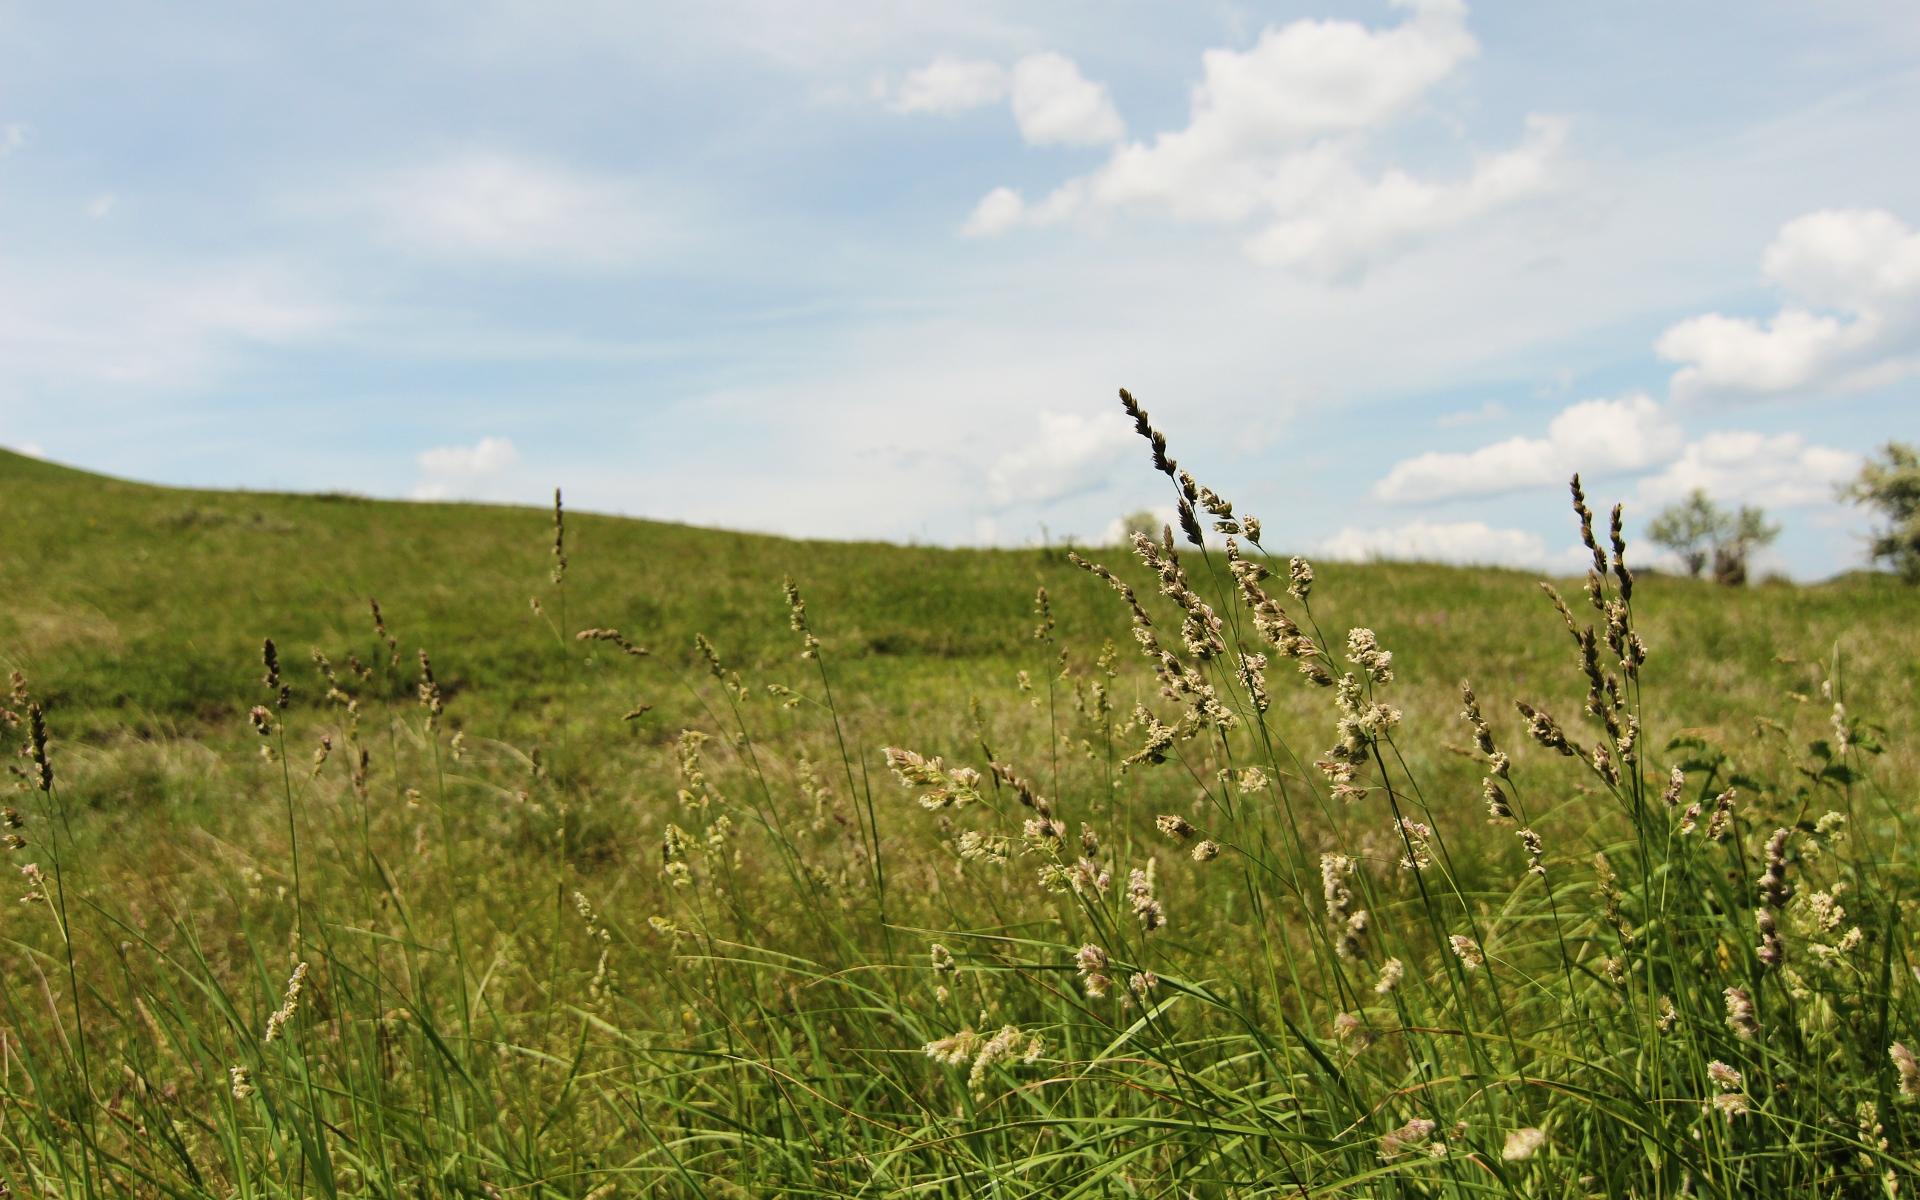 Grassy Field wallpaper - 554087